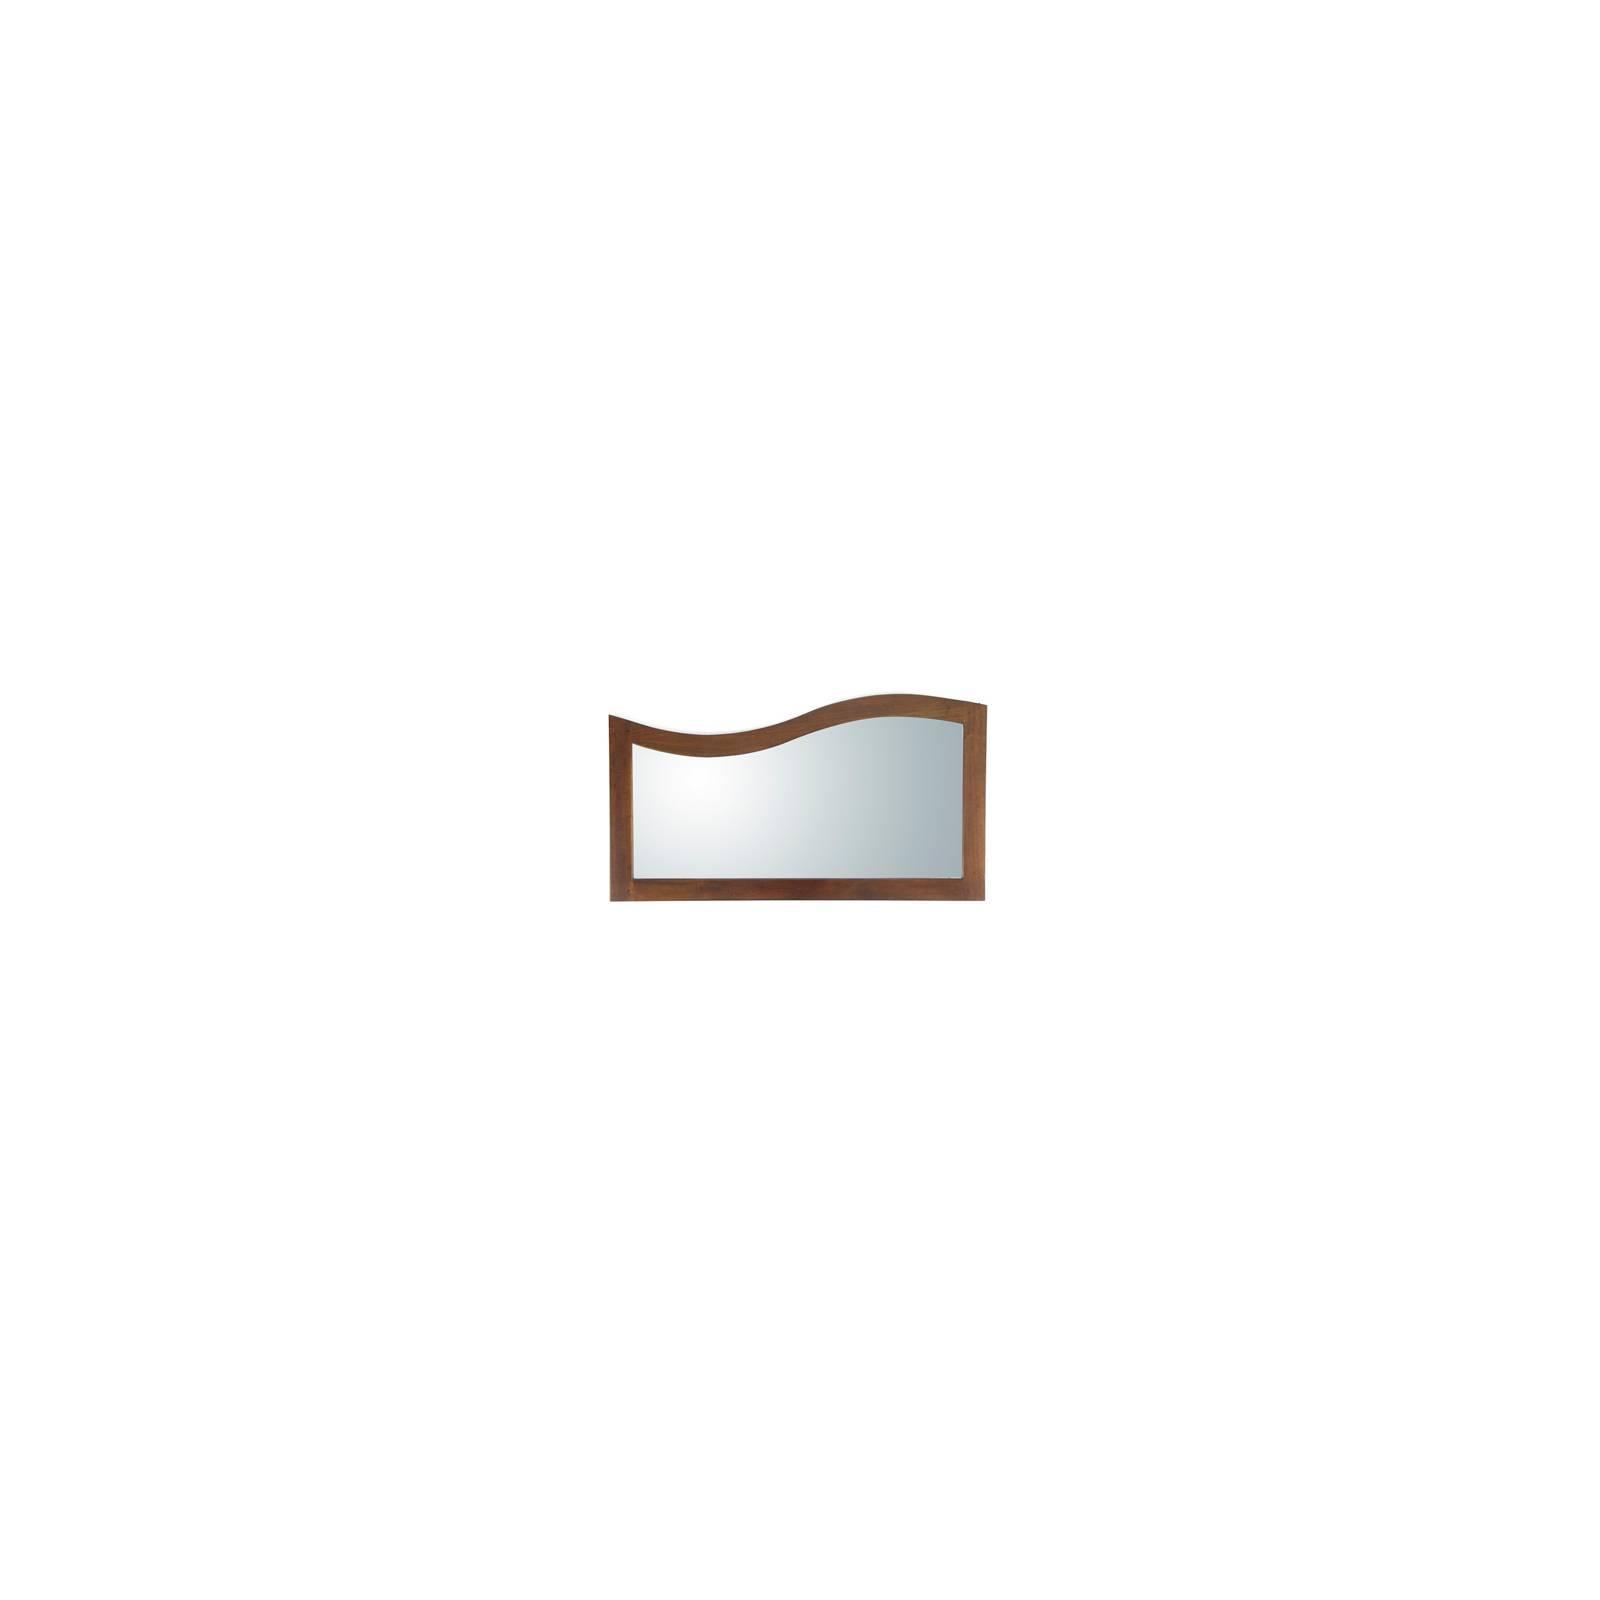 Miroir Vague Oceania Hévéa - meuble style colonial